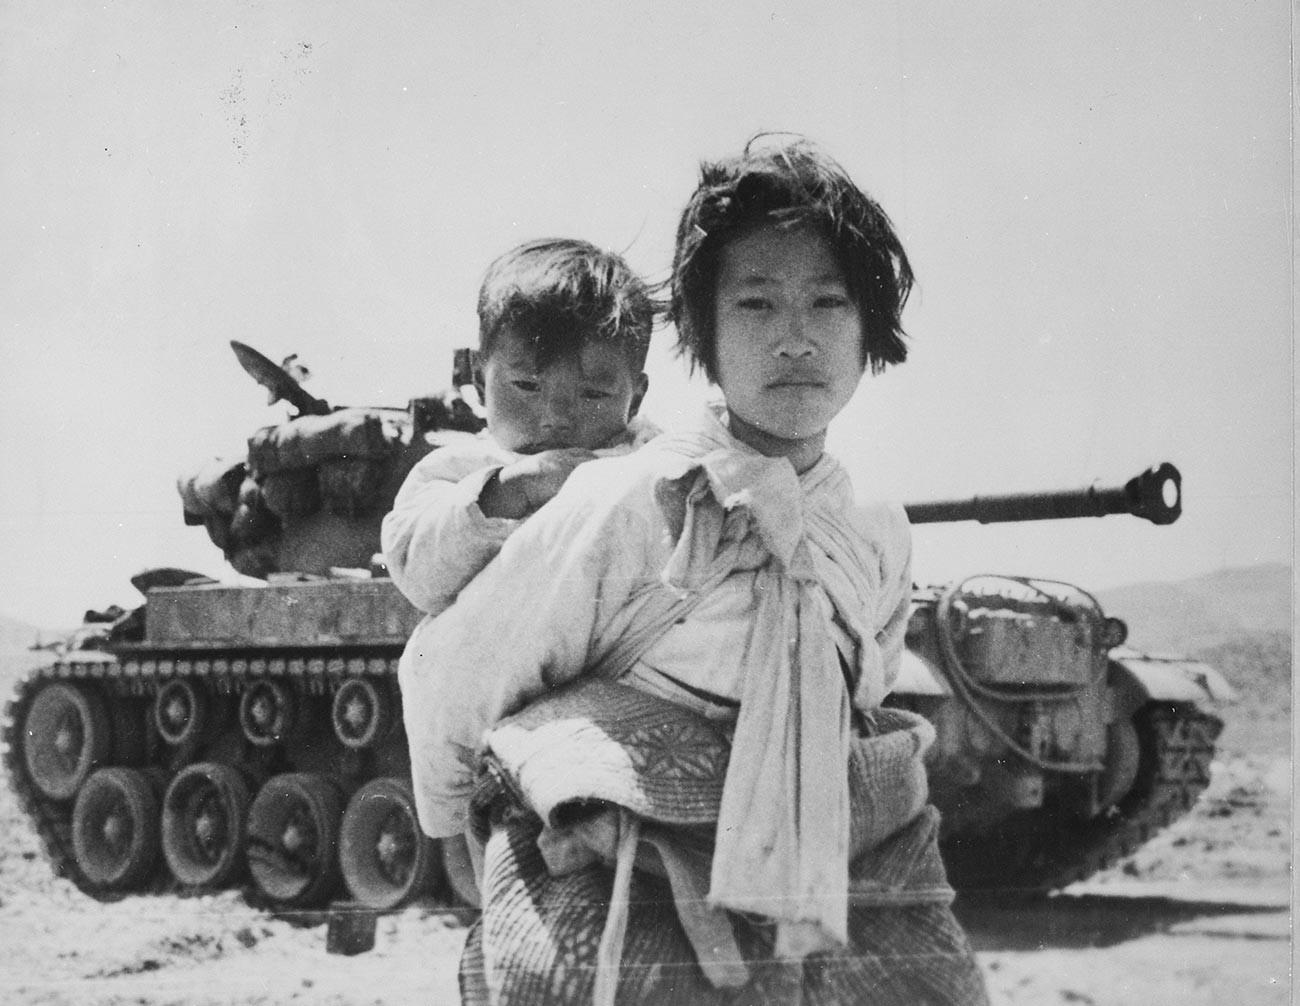 Guerra da Coreia.